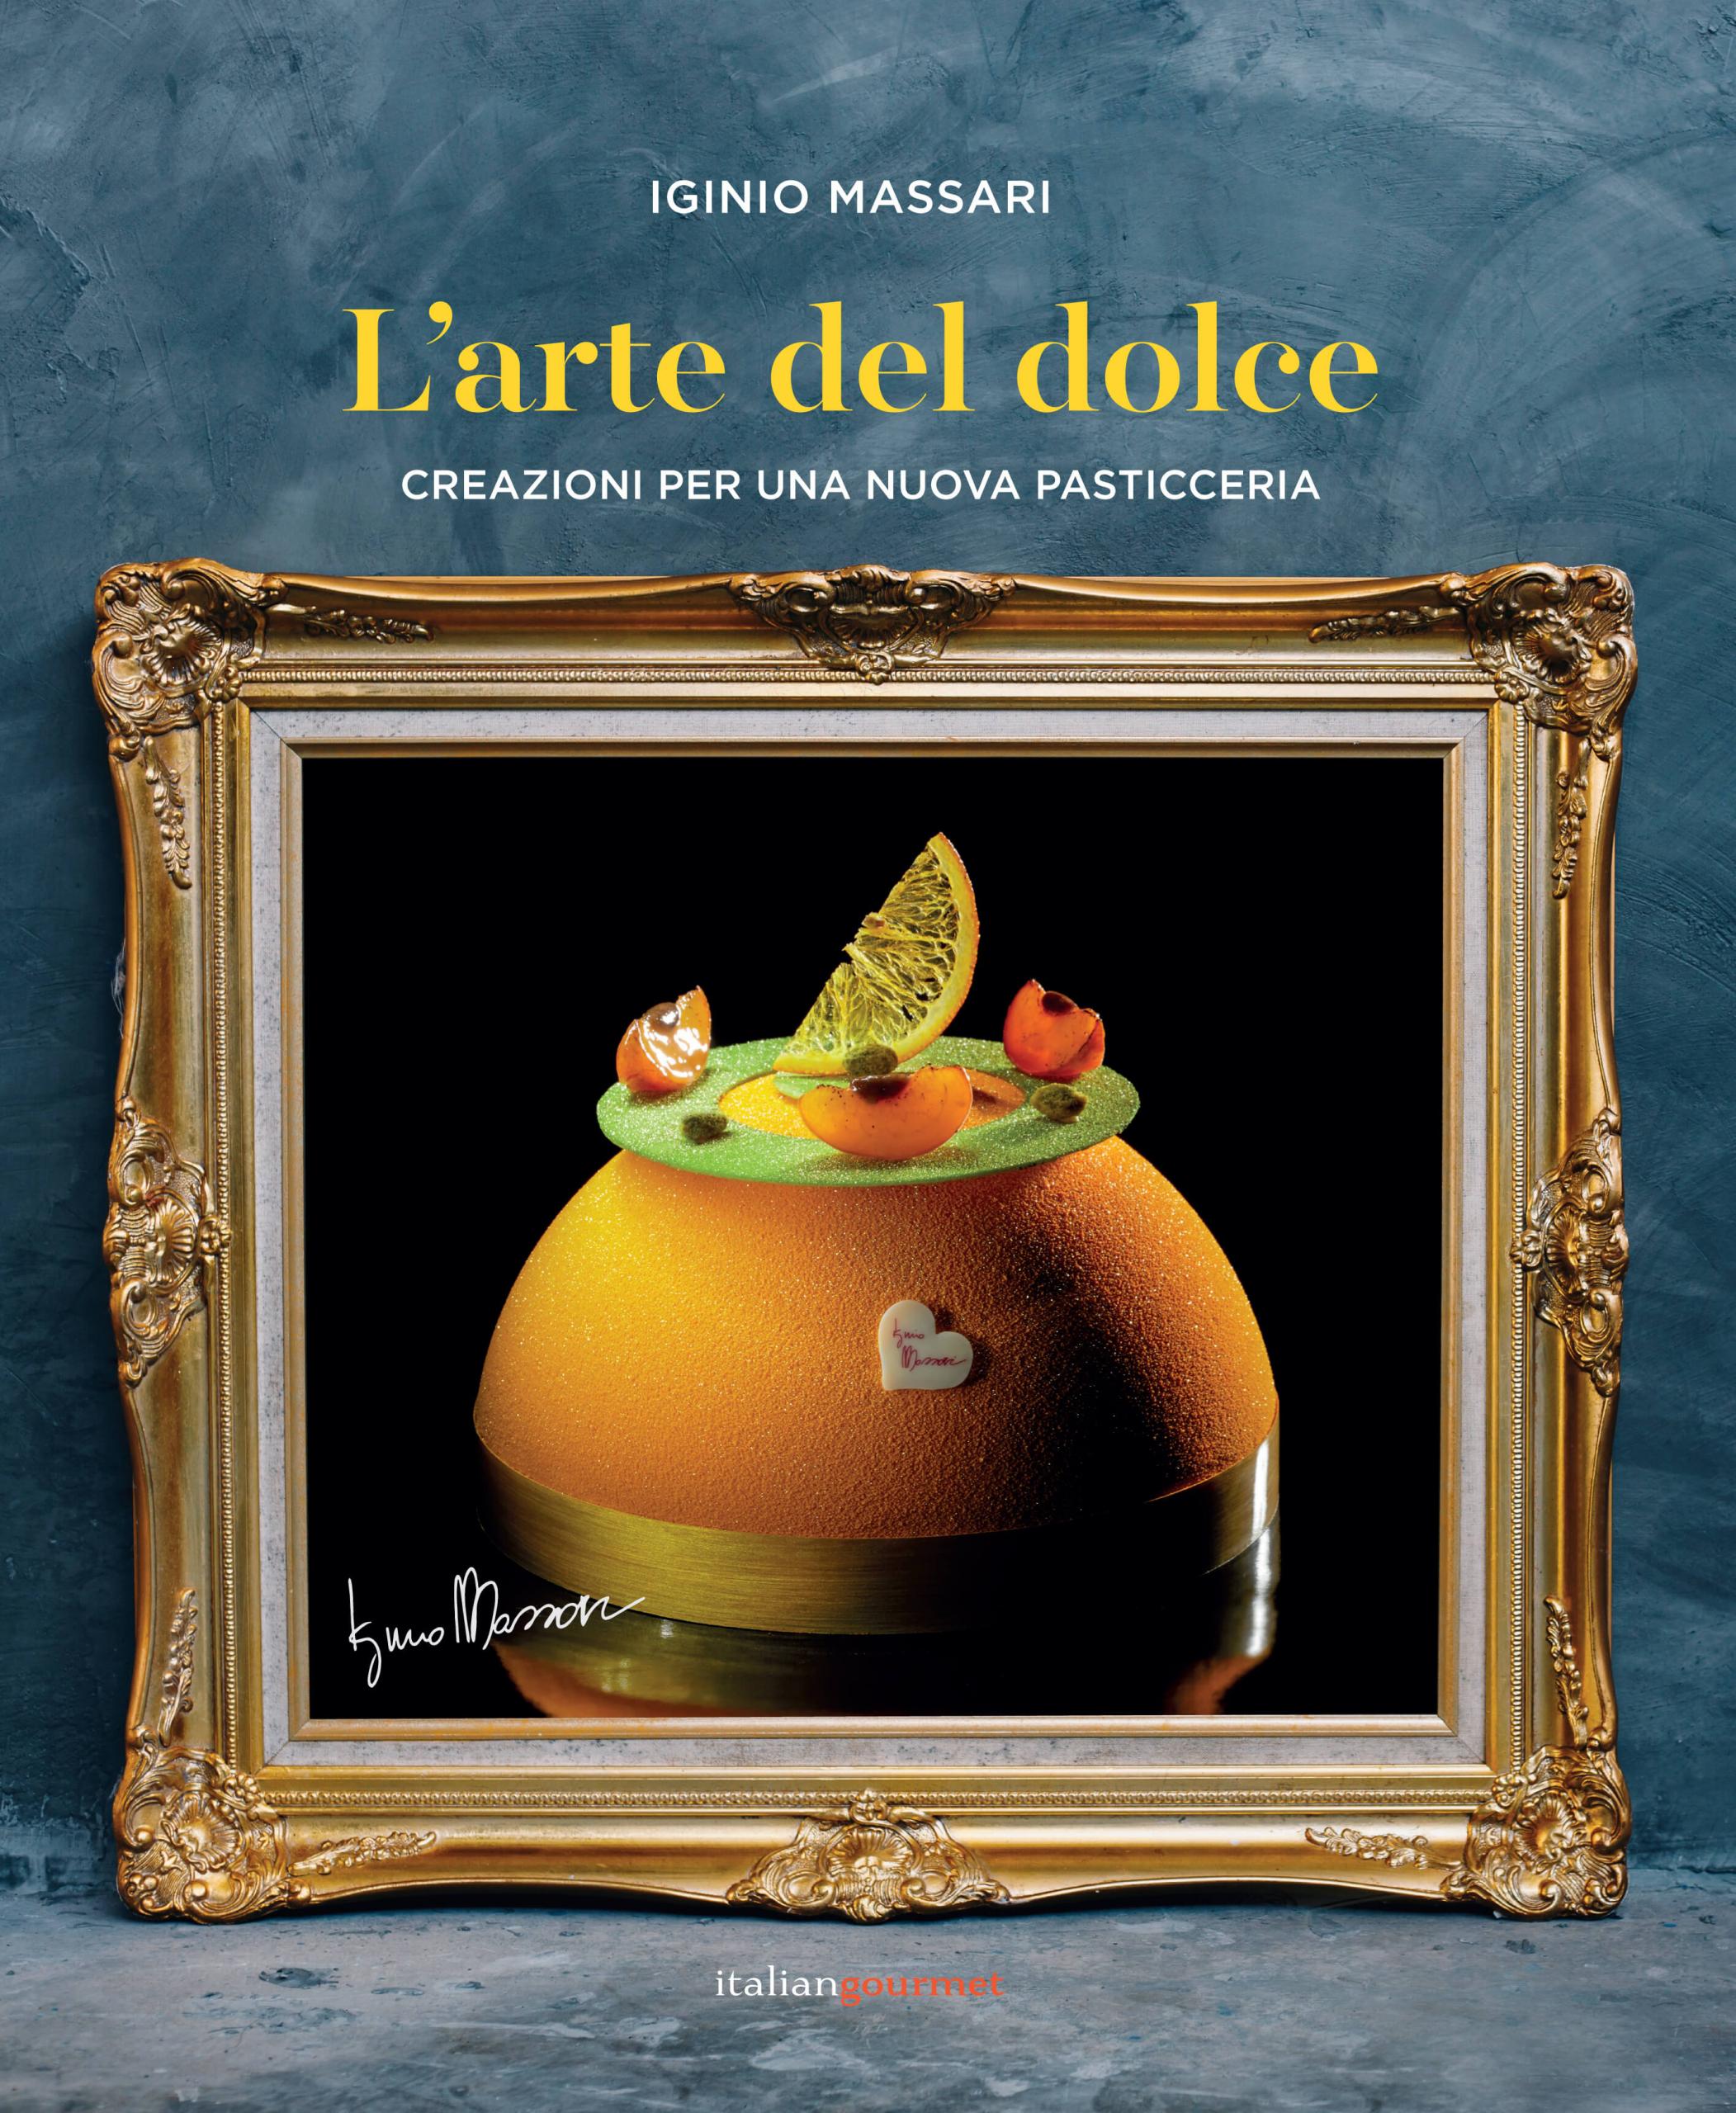 Iginio Massari - L'arte del dolce - Libro